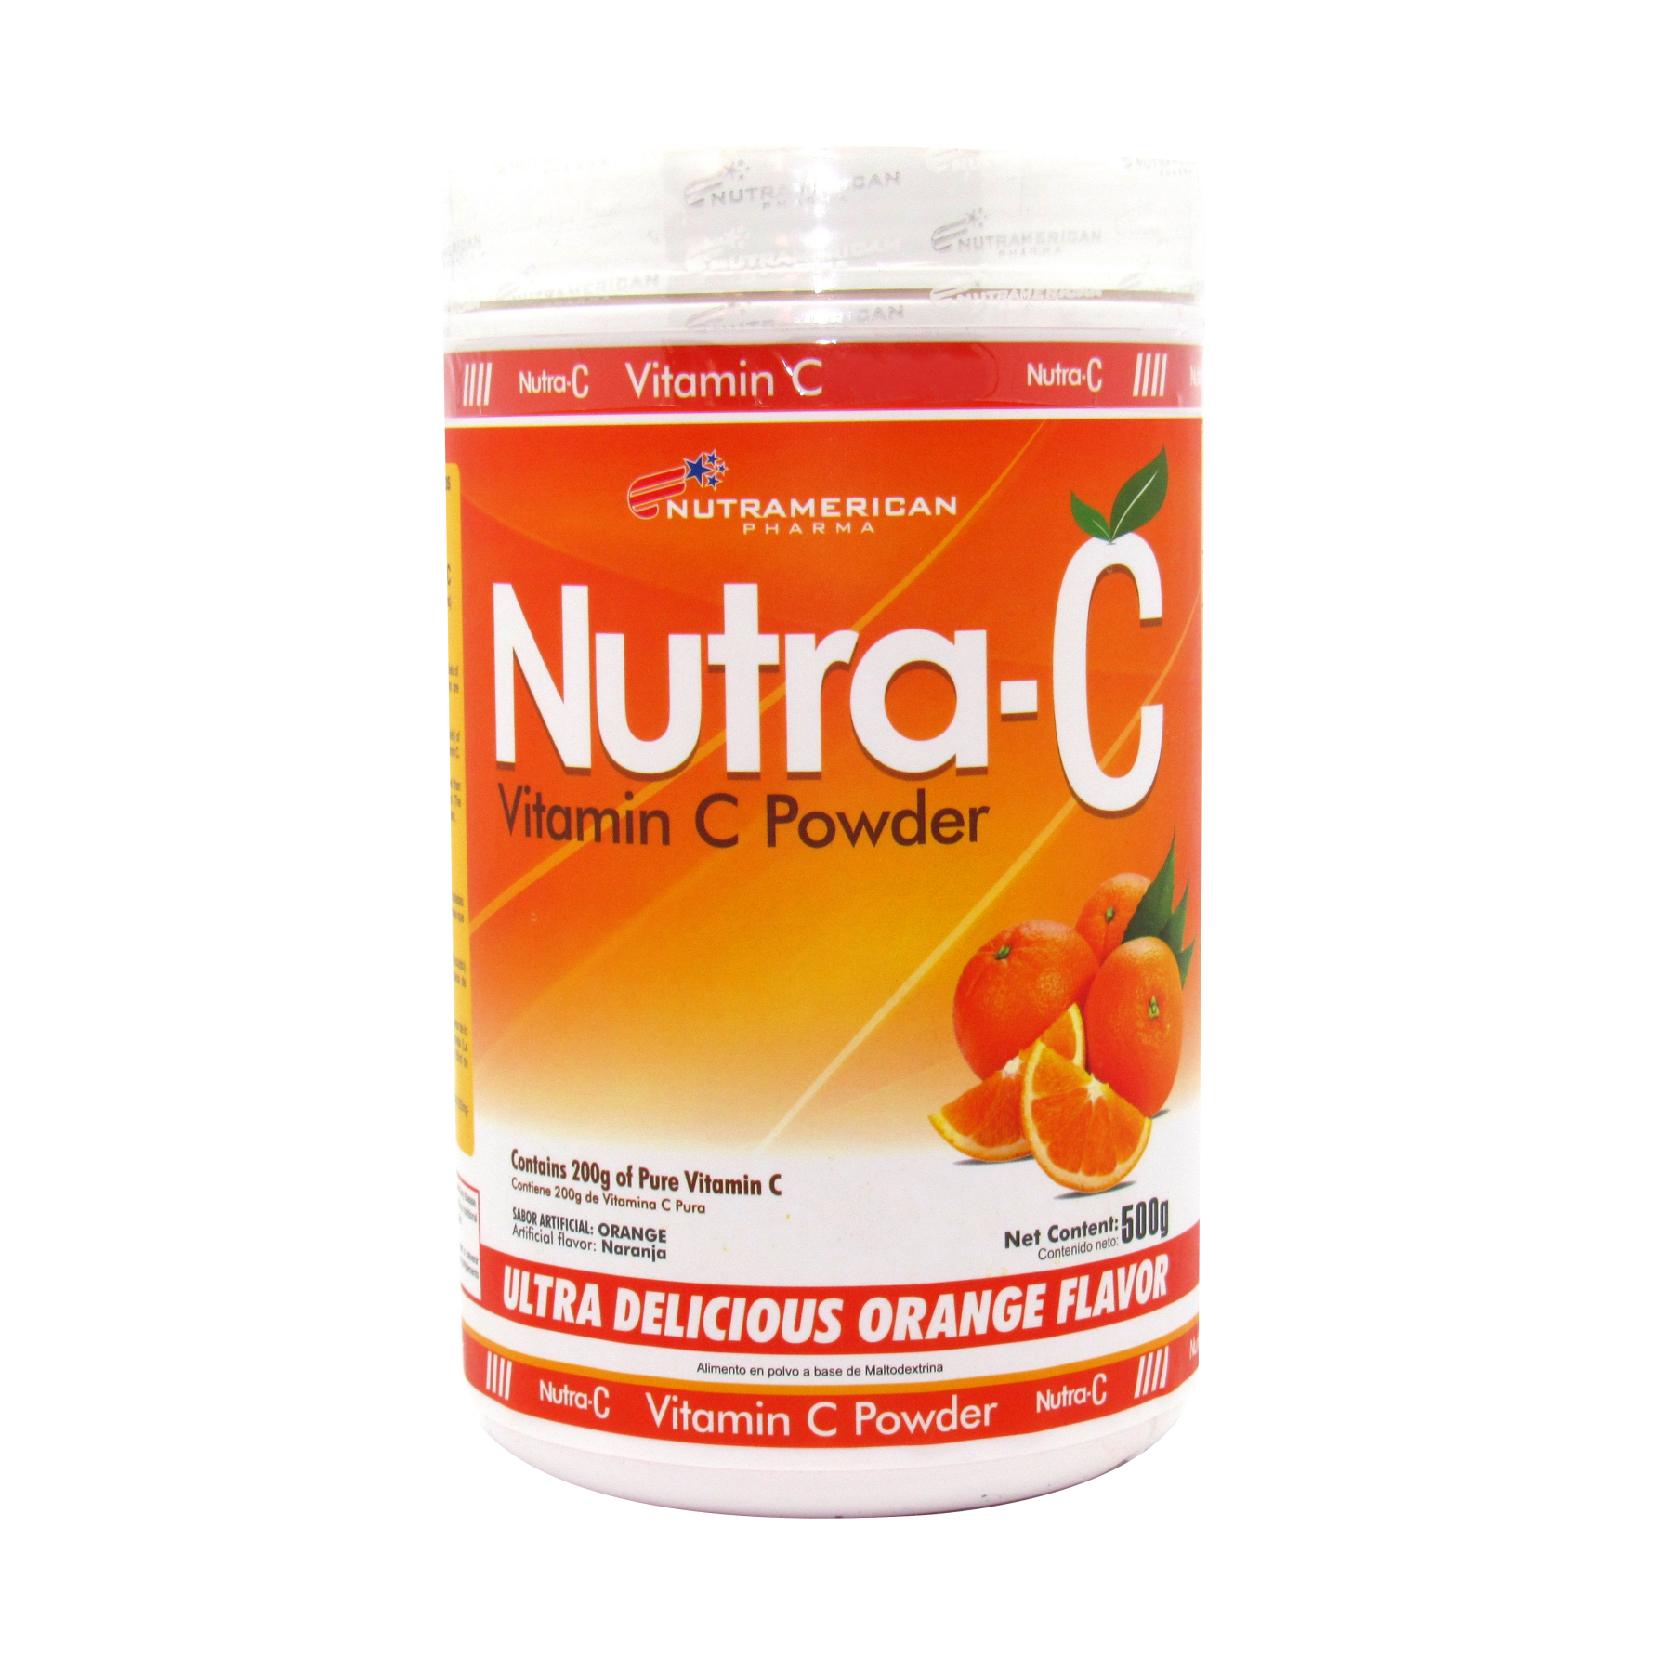 NUTRA C VITAMIN C POWDER X 500GR